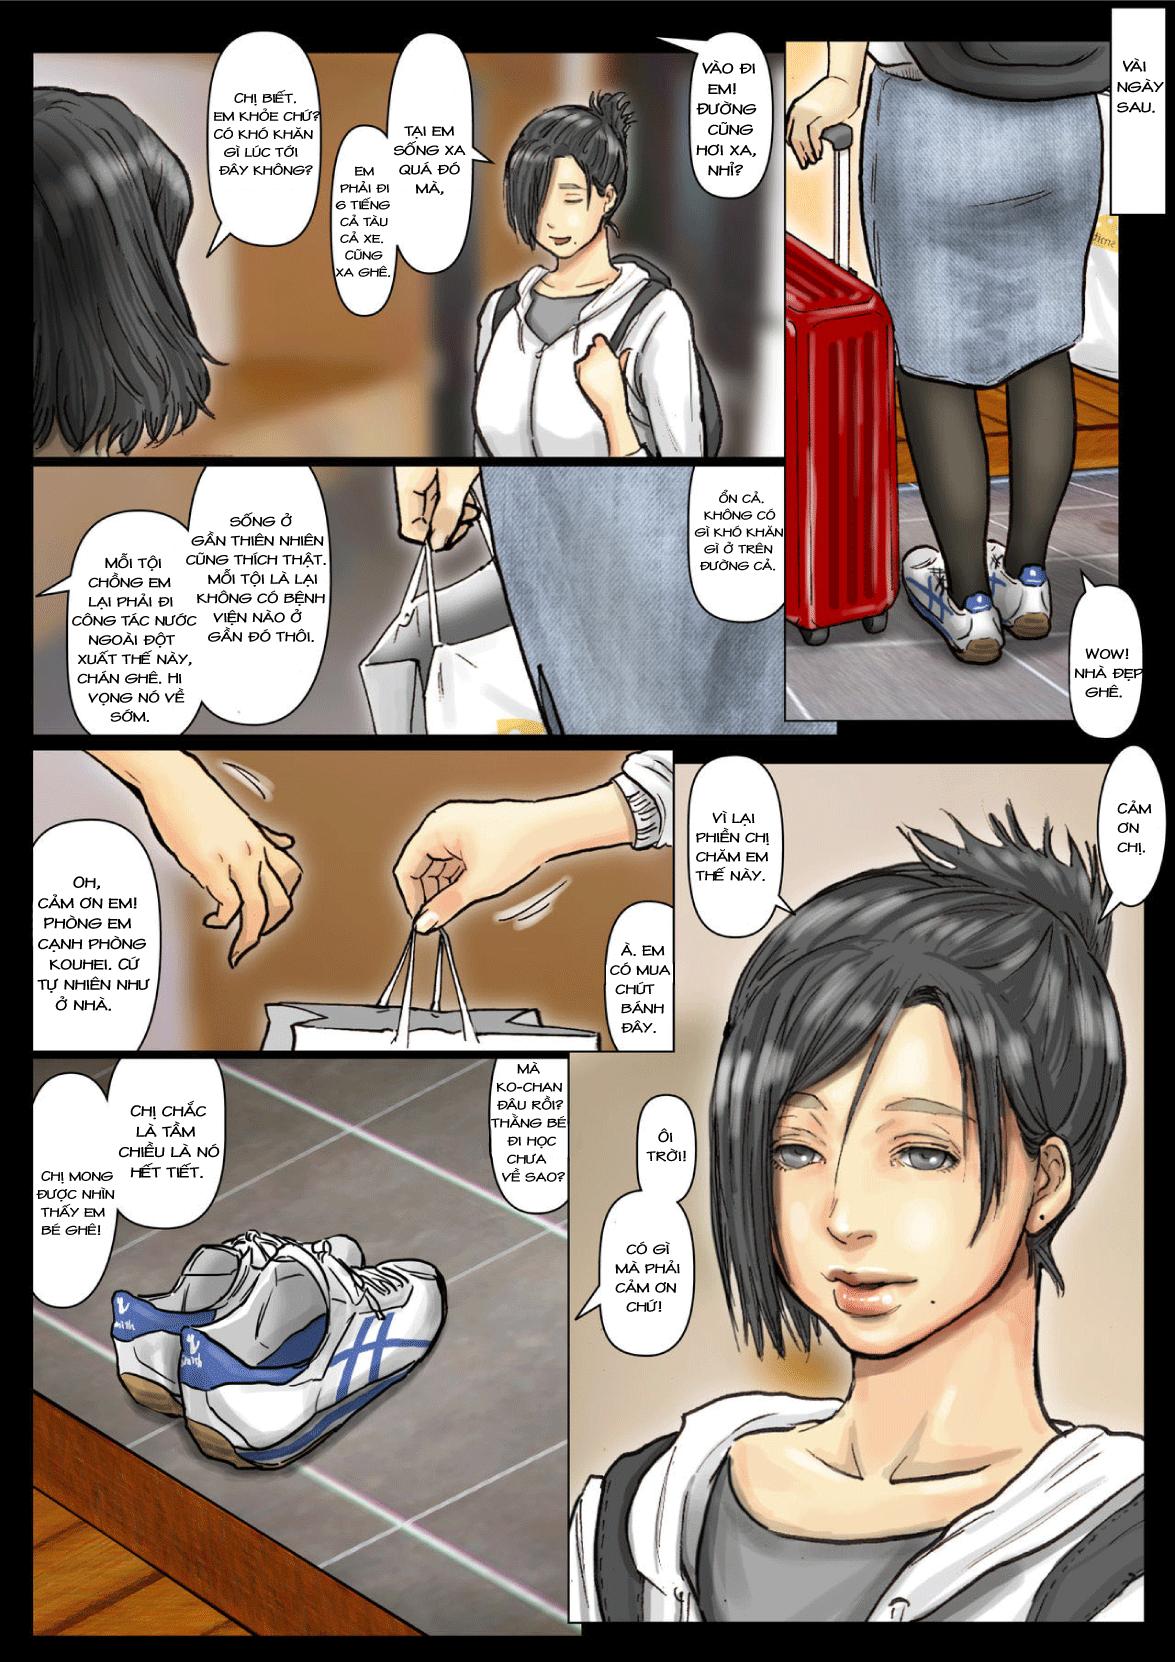 HentaiVN.net - Ảnh 3 - Oba-san no Karada ga Kimochi Yosugiru kara 2 - Boku no Oba-san wa Chou Meiki Datta 02 - Chap 03